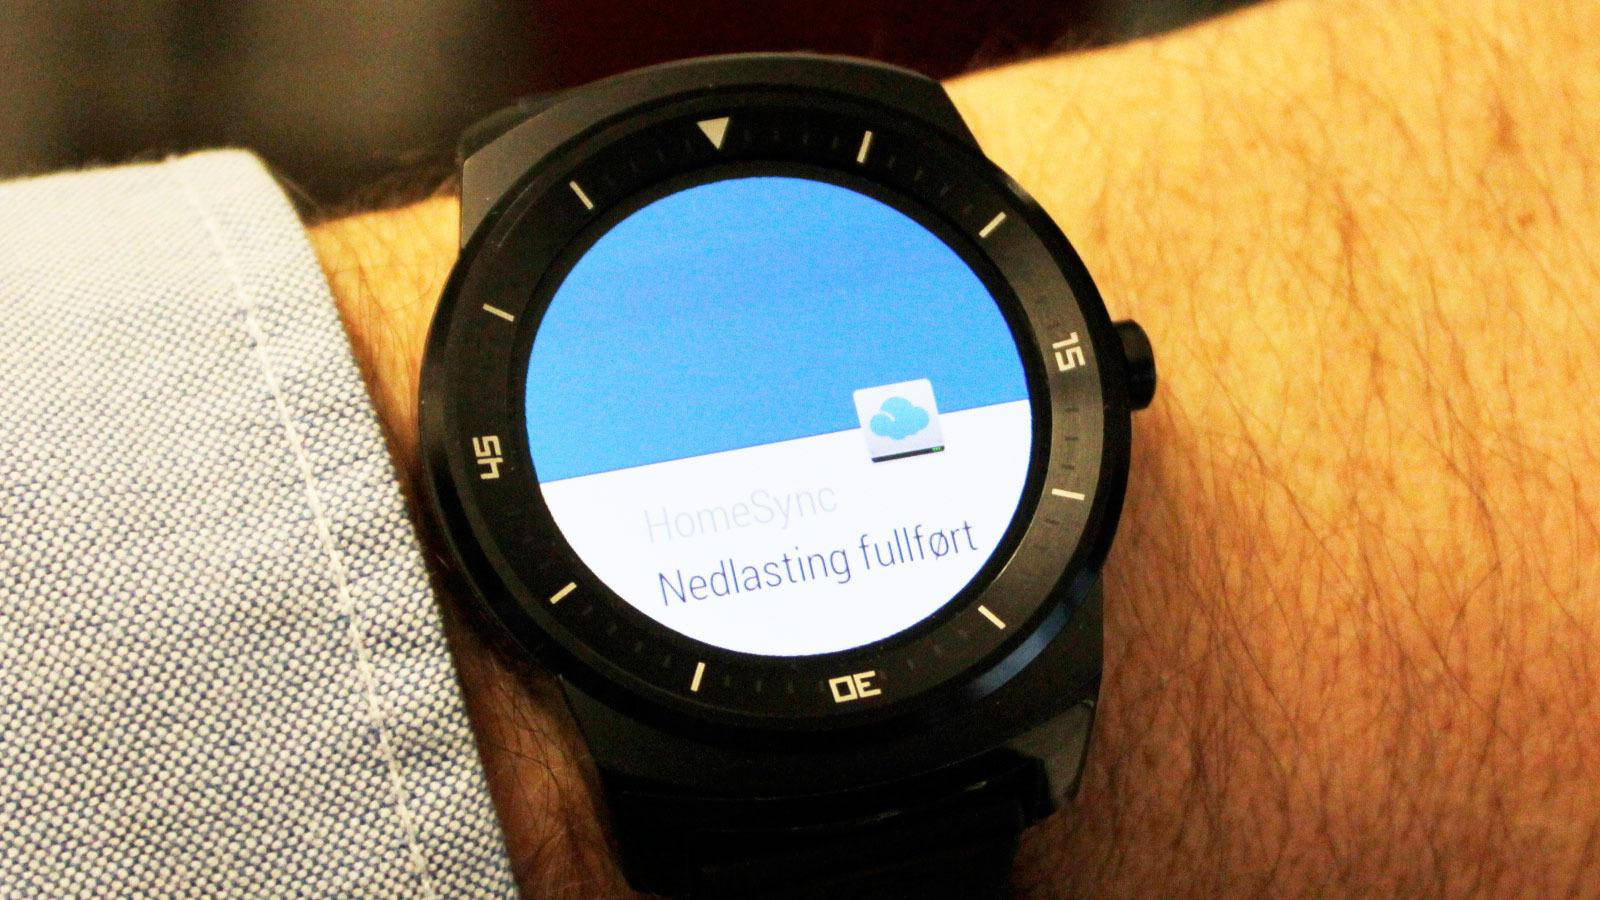 Appene du har på telefonen kan sende varsler til håndleddet ditt.Foto: Espen Irwing Swang, Tek.no